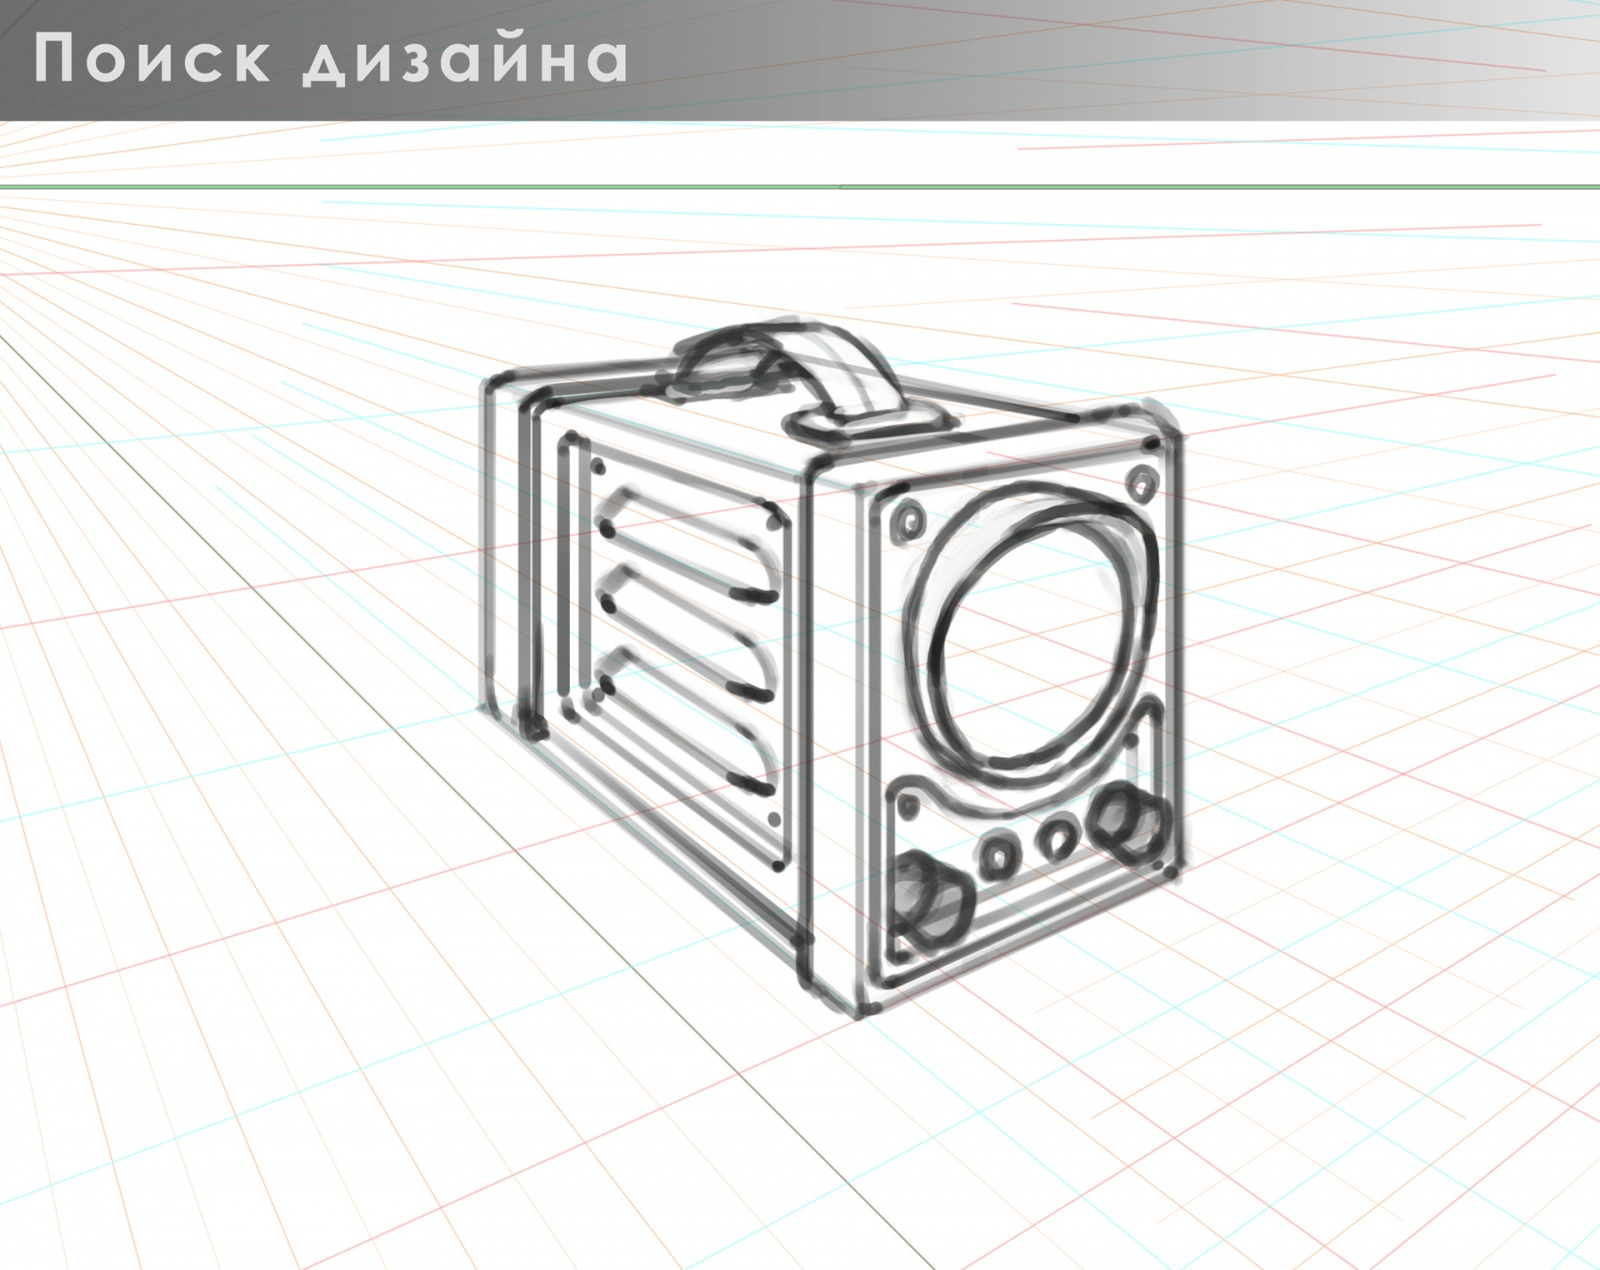 Основы CG-рисунка на примерах: рисуем осциллограф, применяем 3D - 4